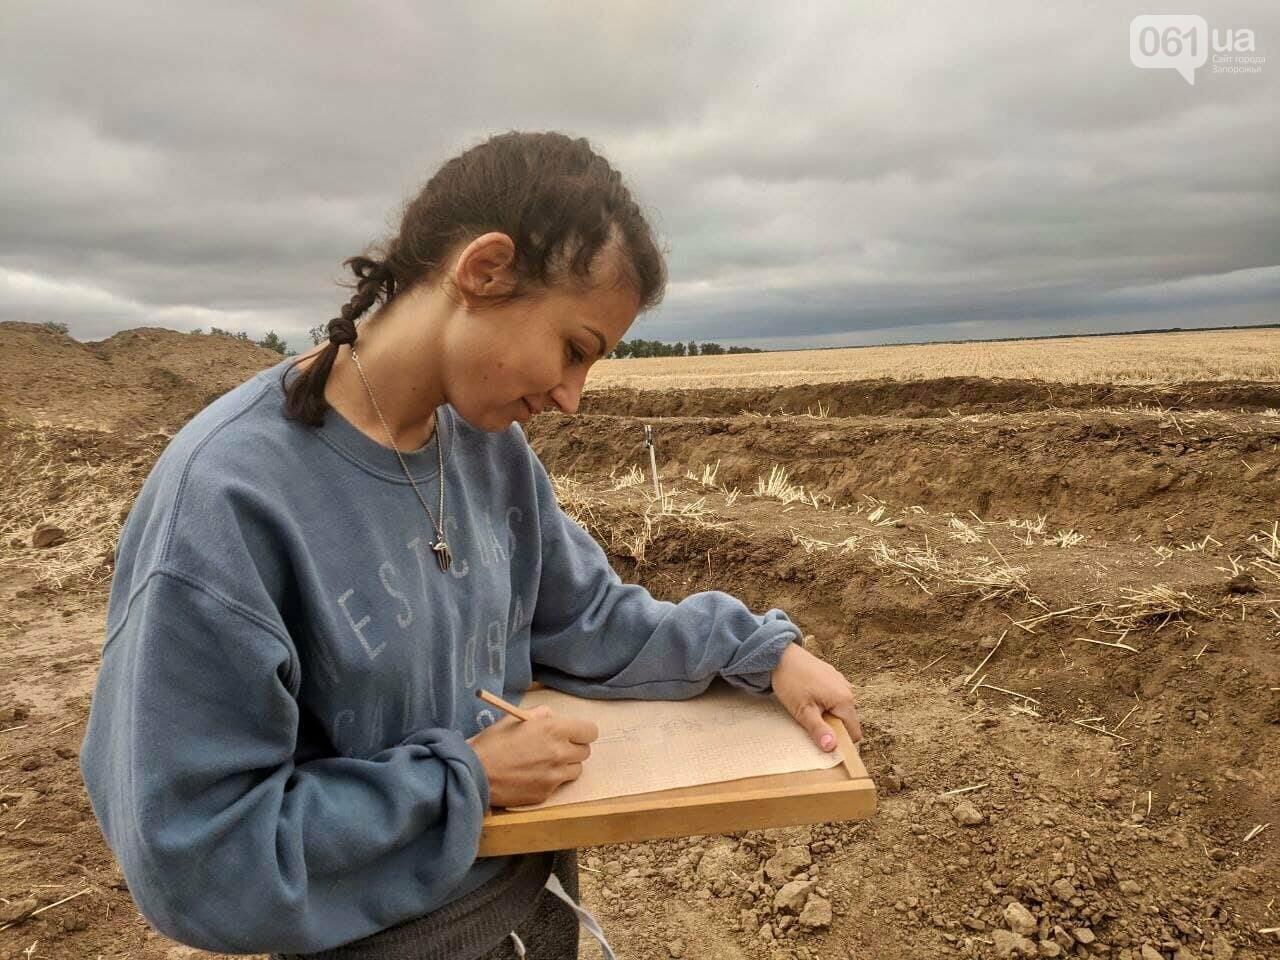 На раскопках Мамай-Горы заработал бульдозер: что уже удалось найти археологам, - ФОТО, фото-7